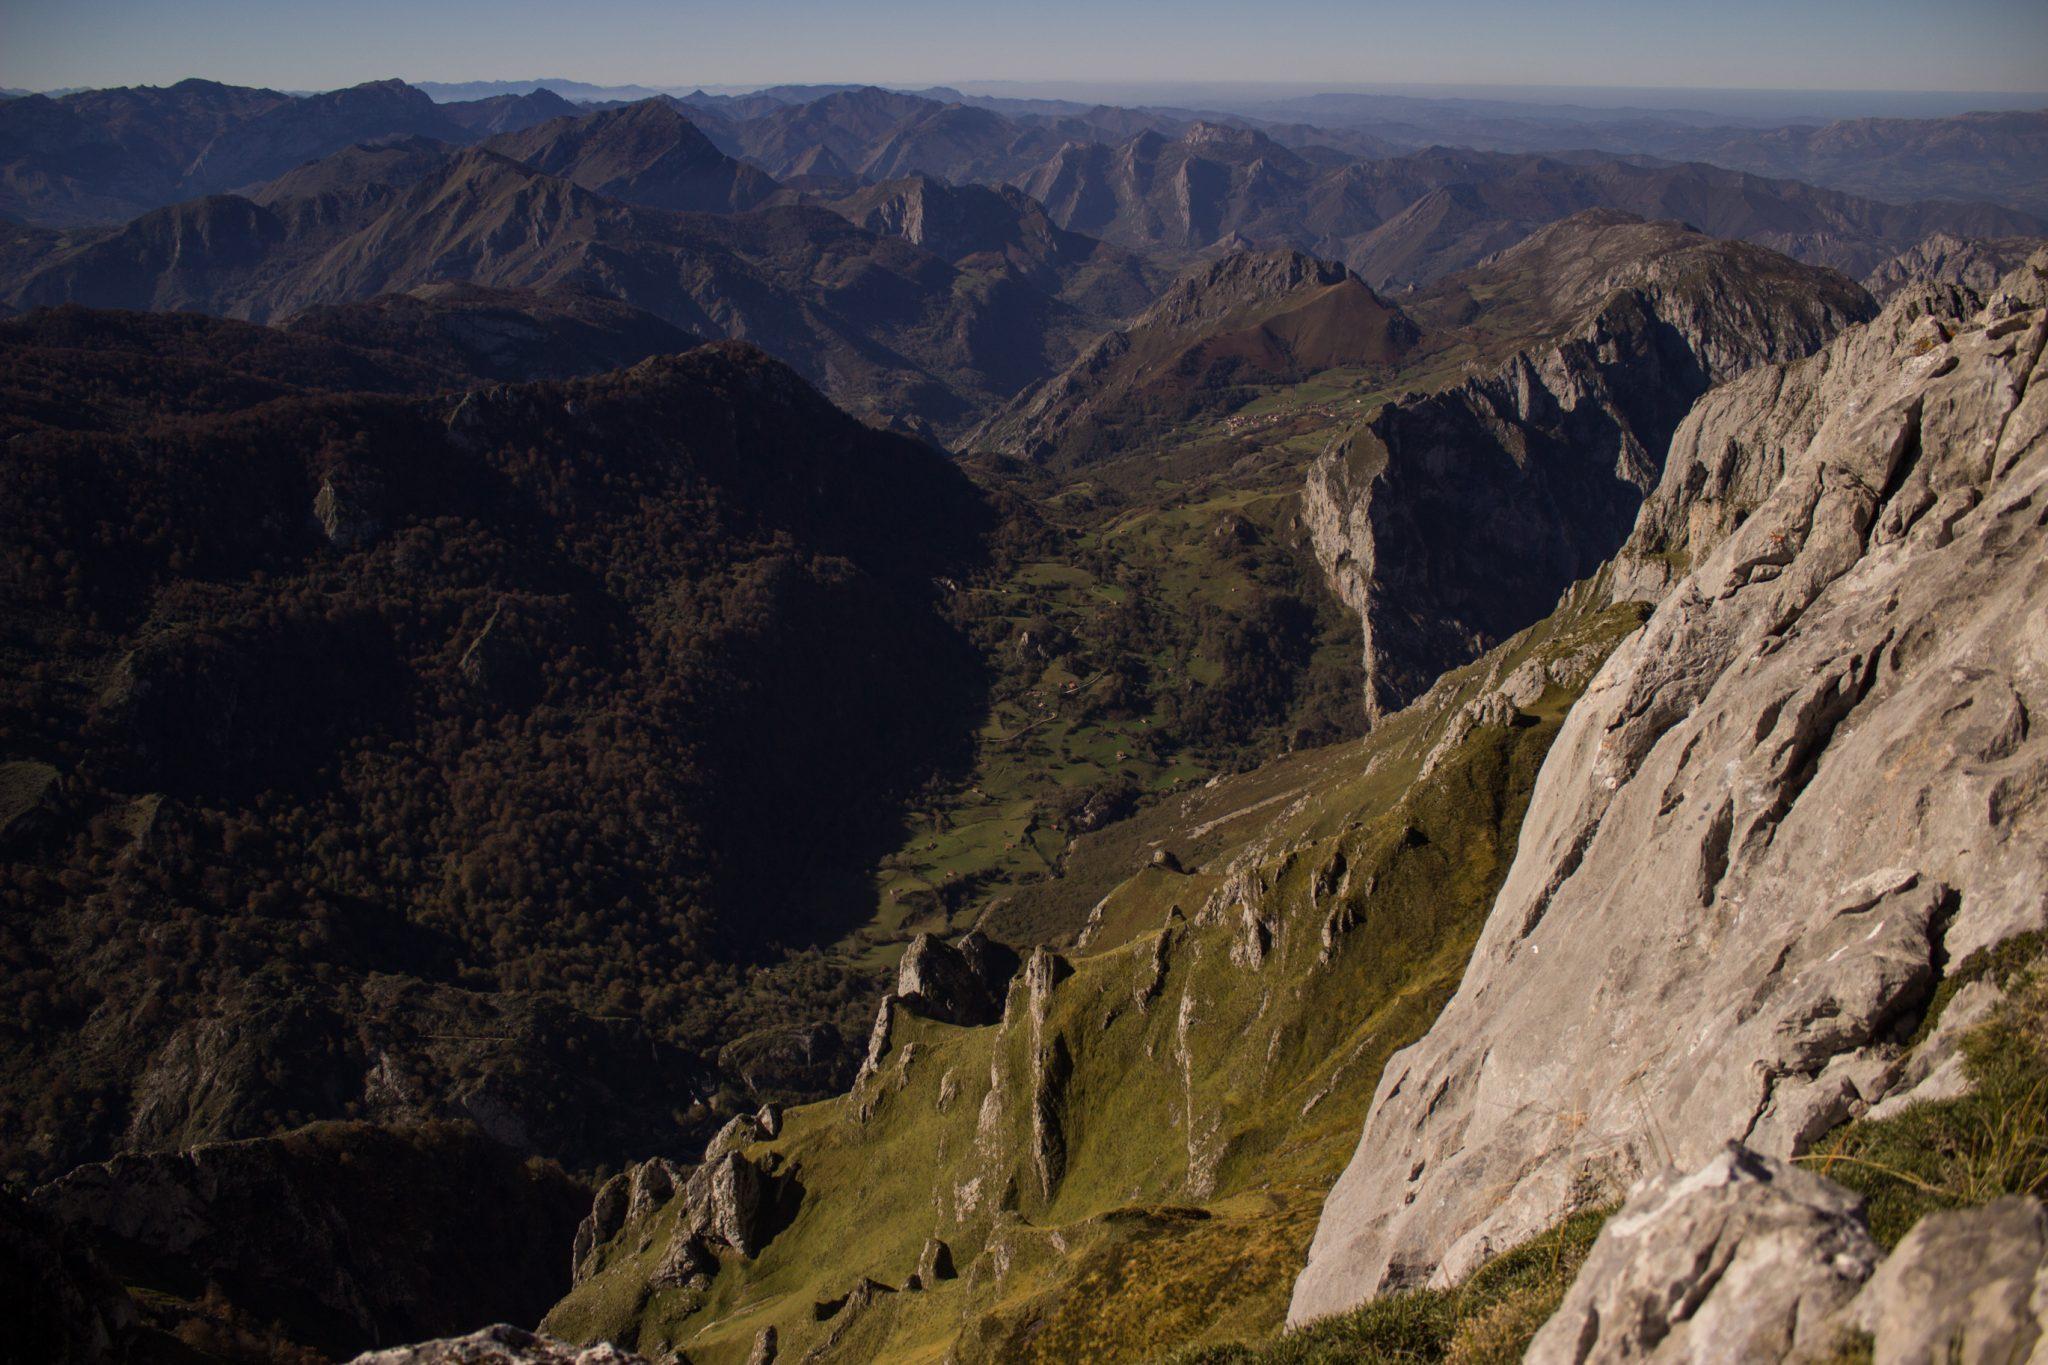 Wanderung Mirador de Ordiales Picos de Europa Spanien, sehr beeindruckende Sicht beim Ziel der Wanderung, dem Aussichtspunkt Mirador de Ordiales